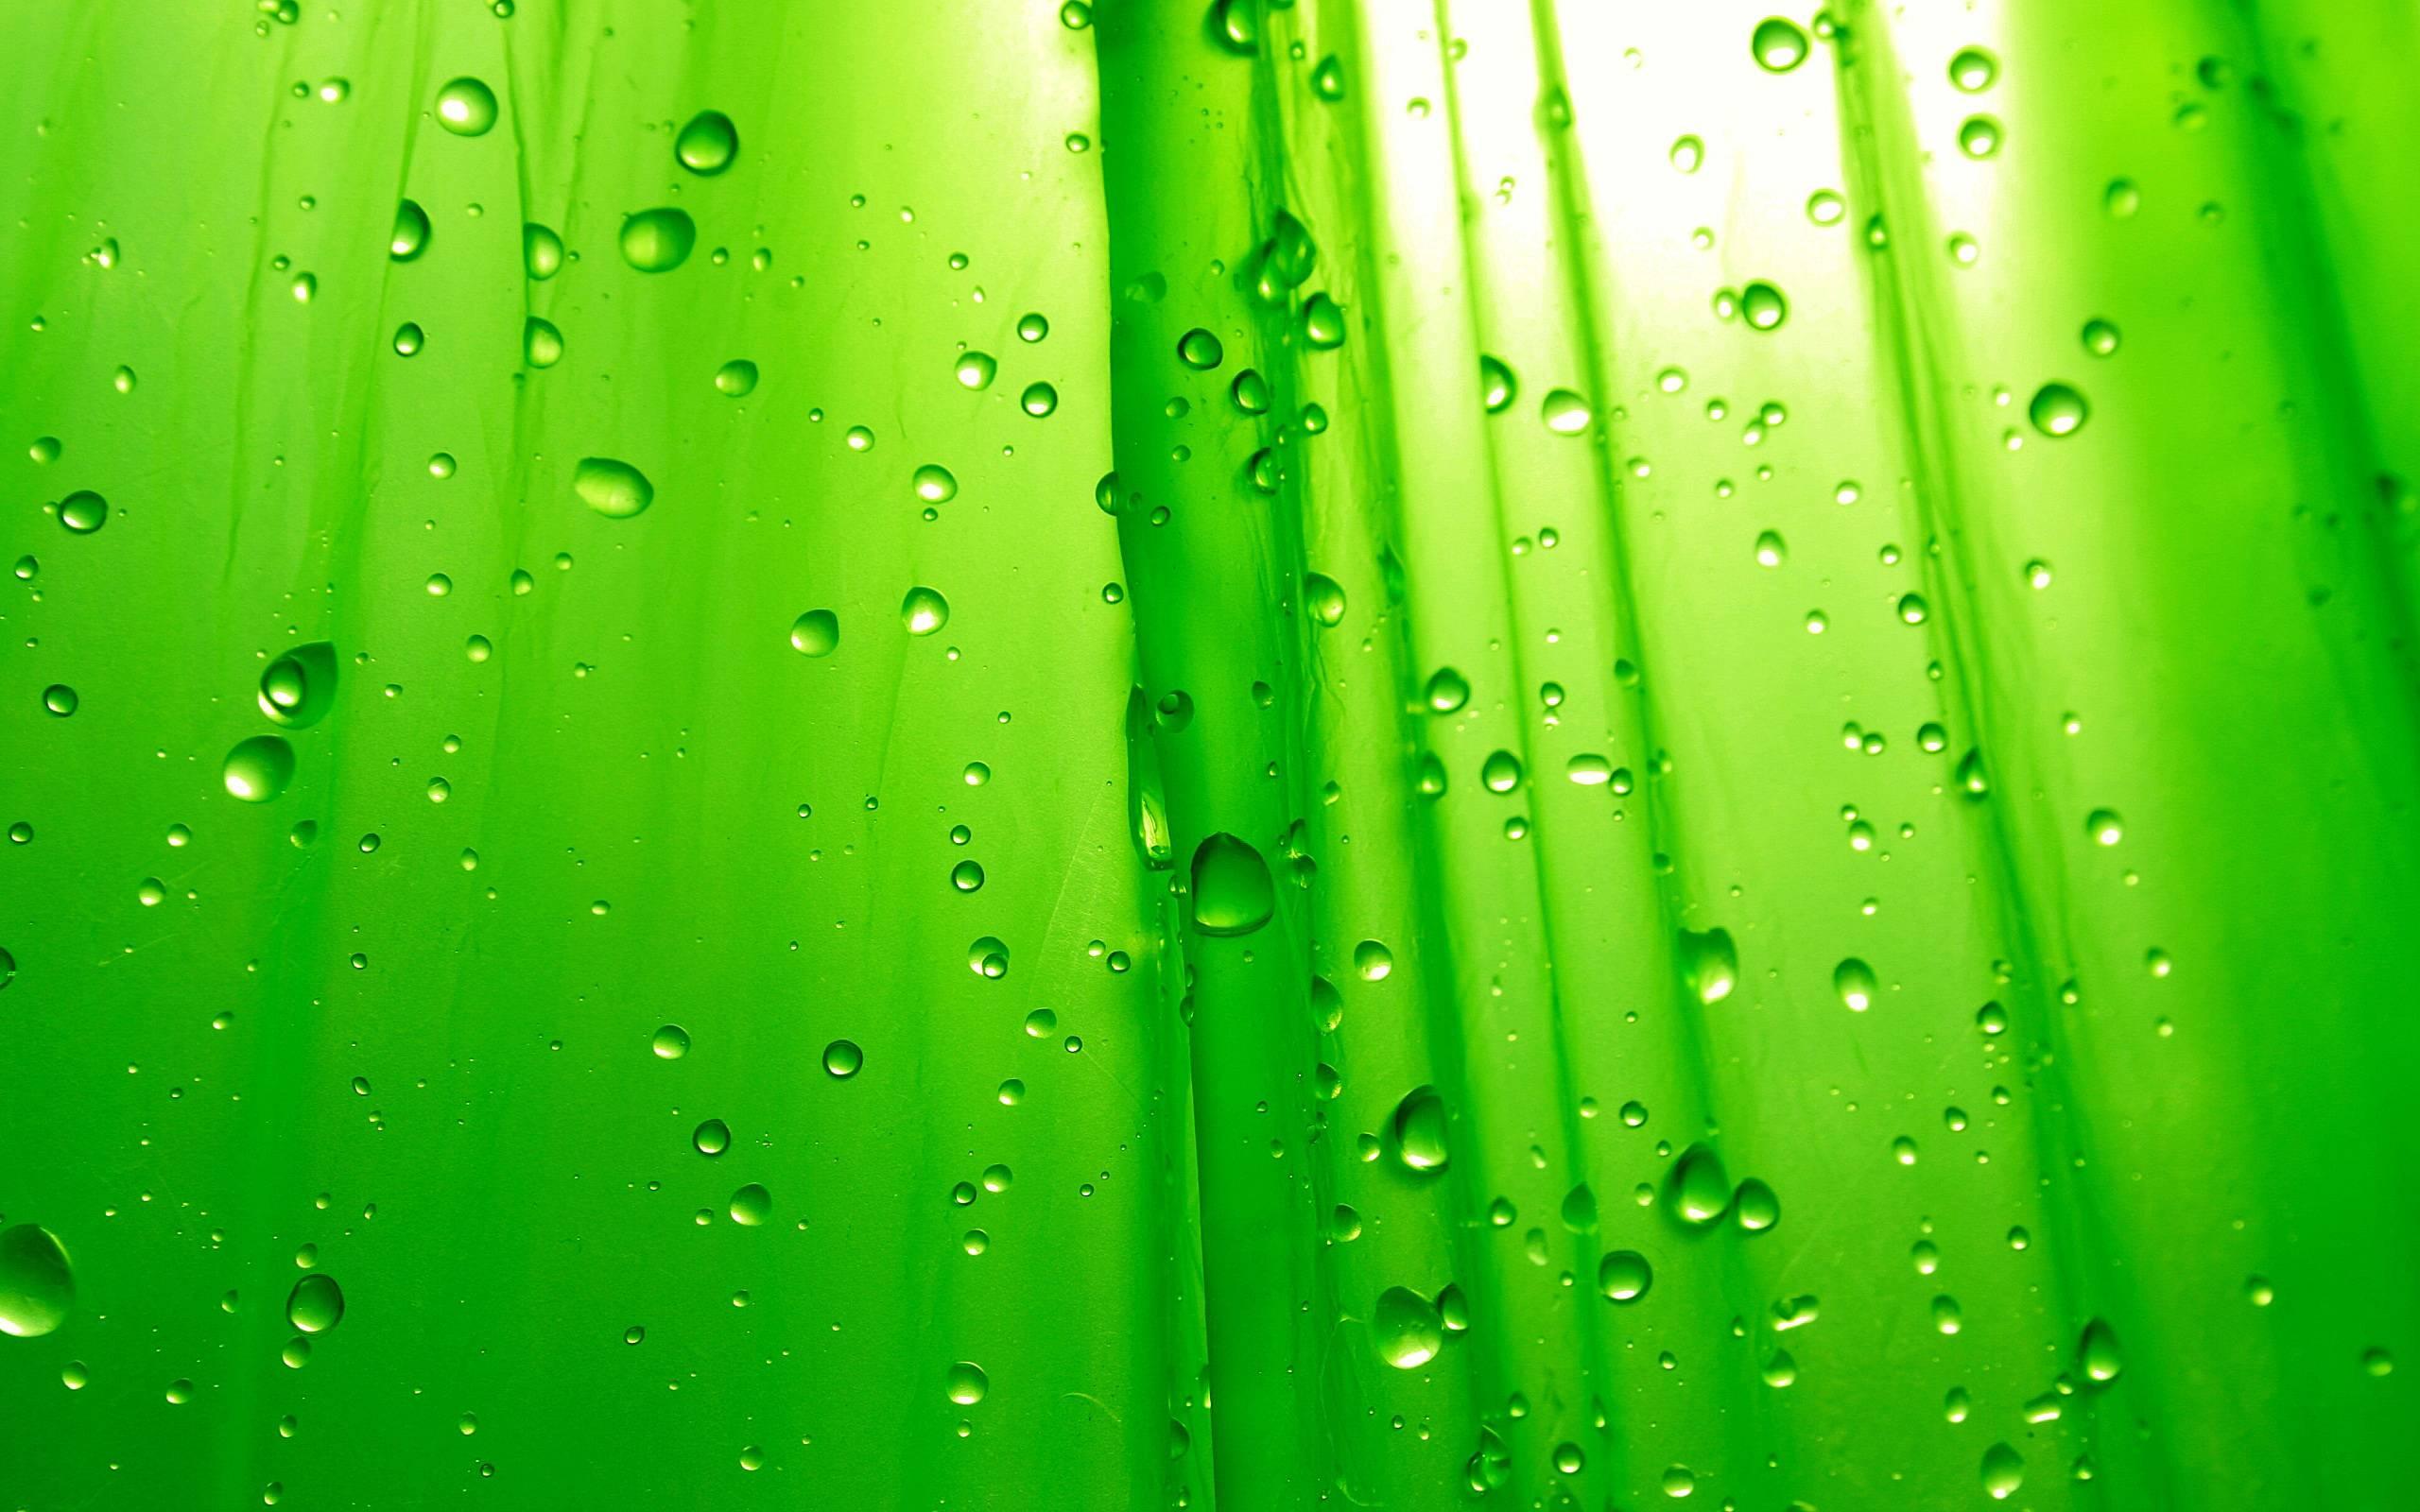 Forest Road Wallpaper | Wallpapers | Pinterest | Wallpaper, Green ...